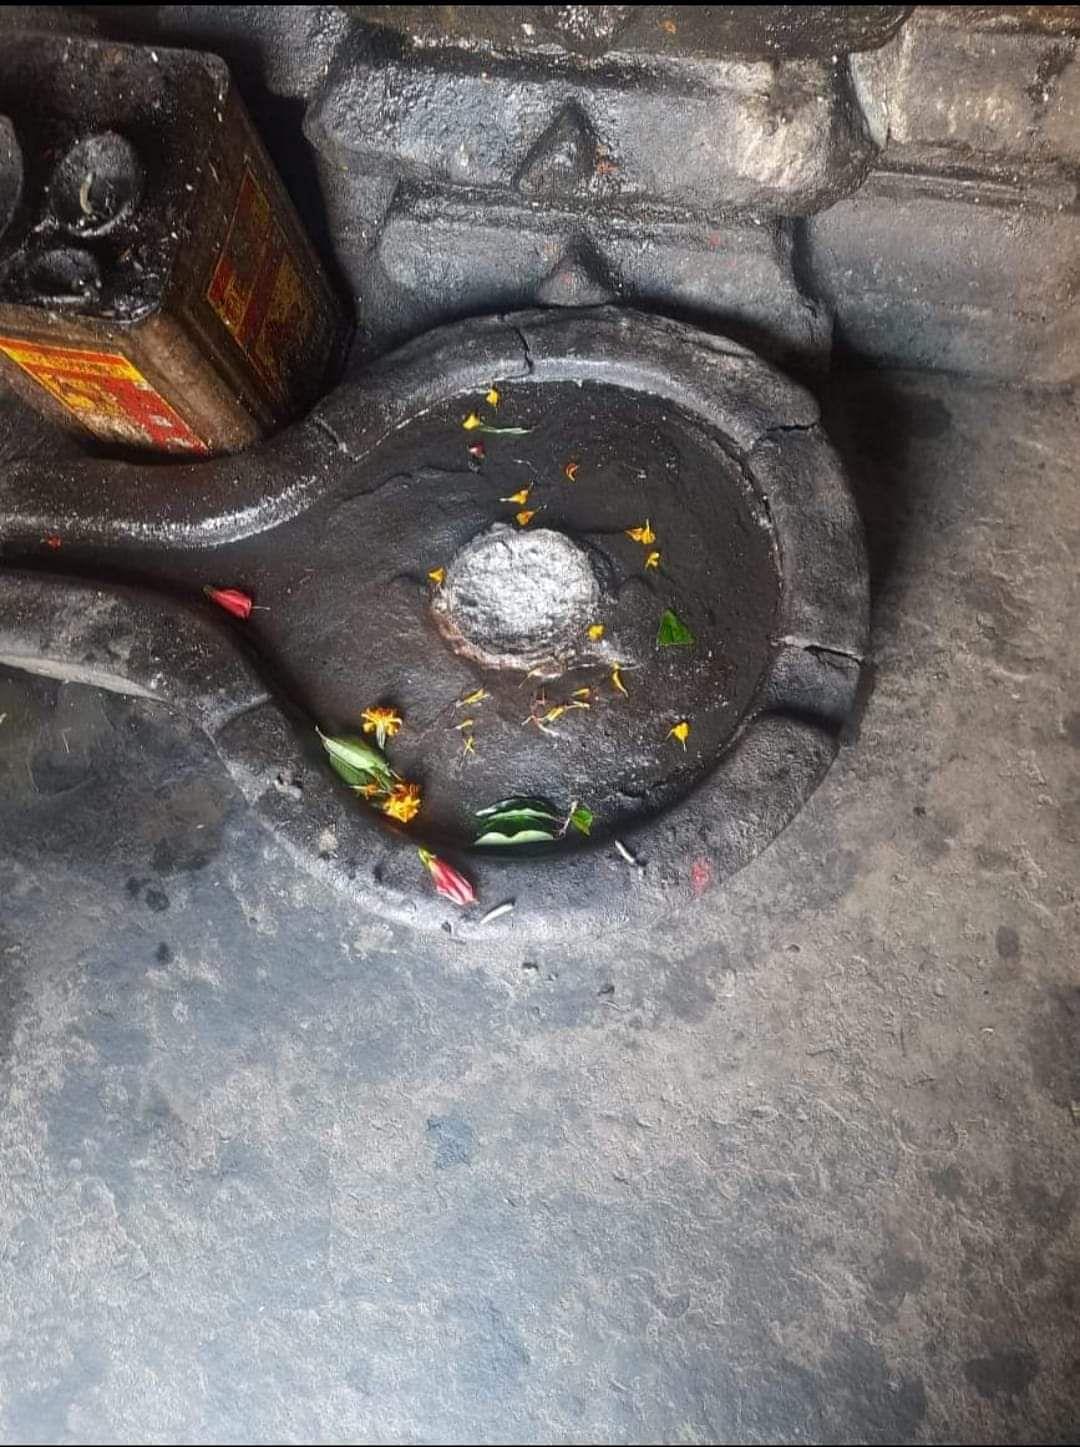 द्वाराहाट में मंदिर से शिवलिंग उखाड़ ले गये शरारती तत्व